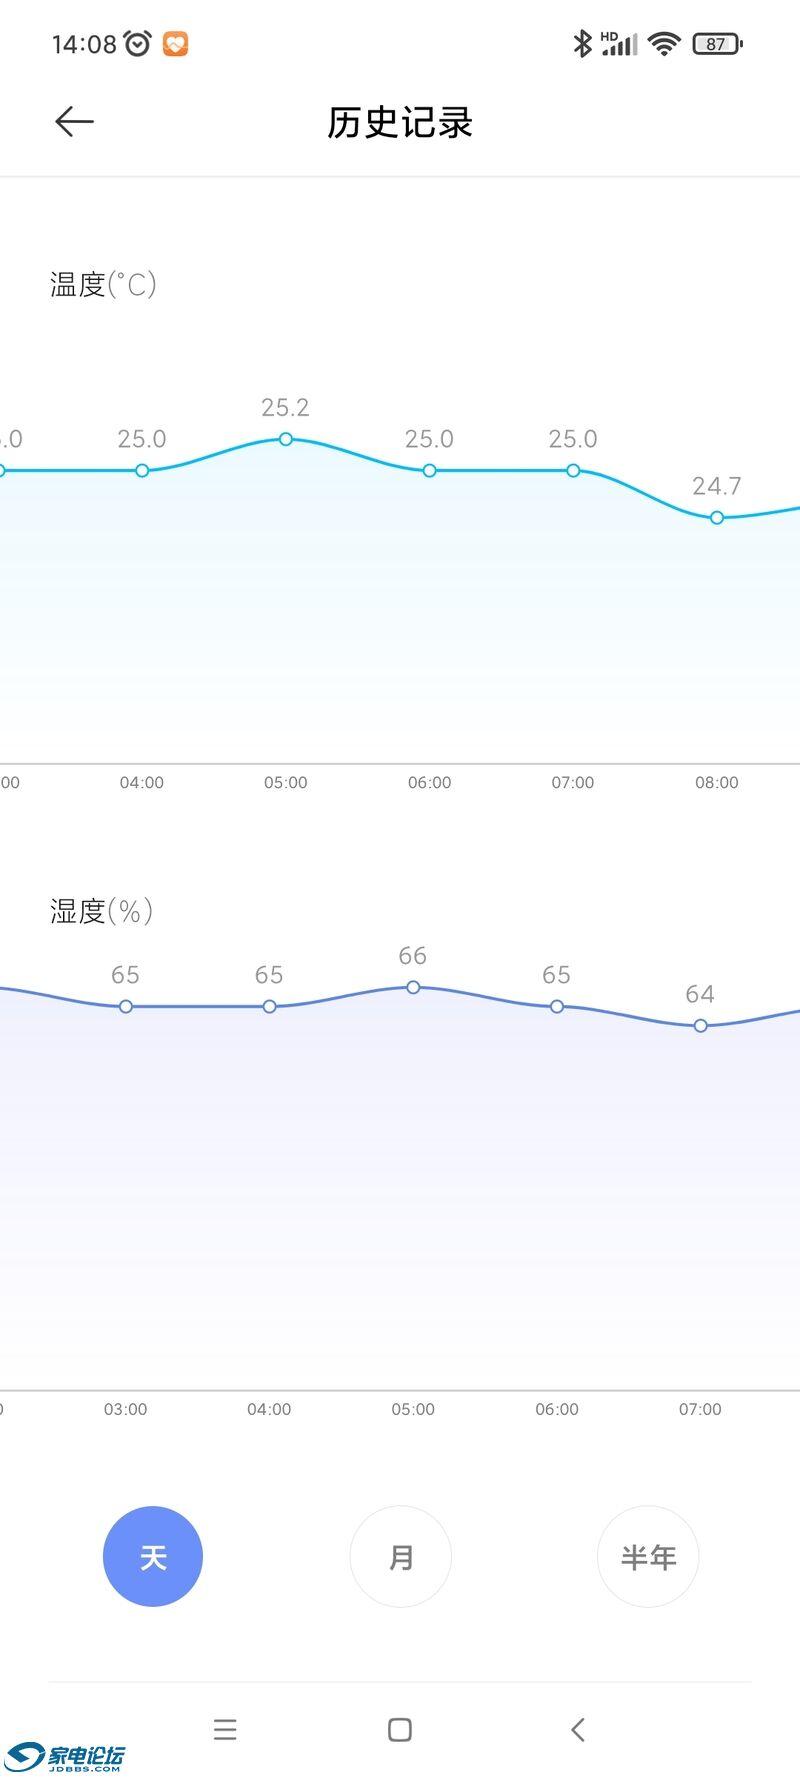 Screenshot_2021-05-30-14-08-53-859_com.xiaomi.smarthome.jpg